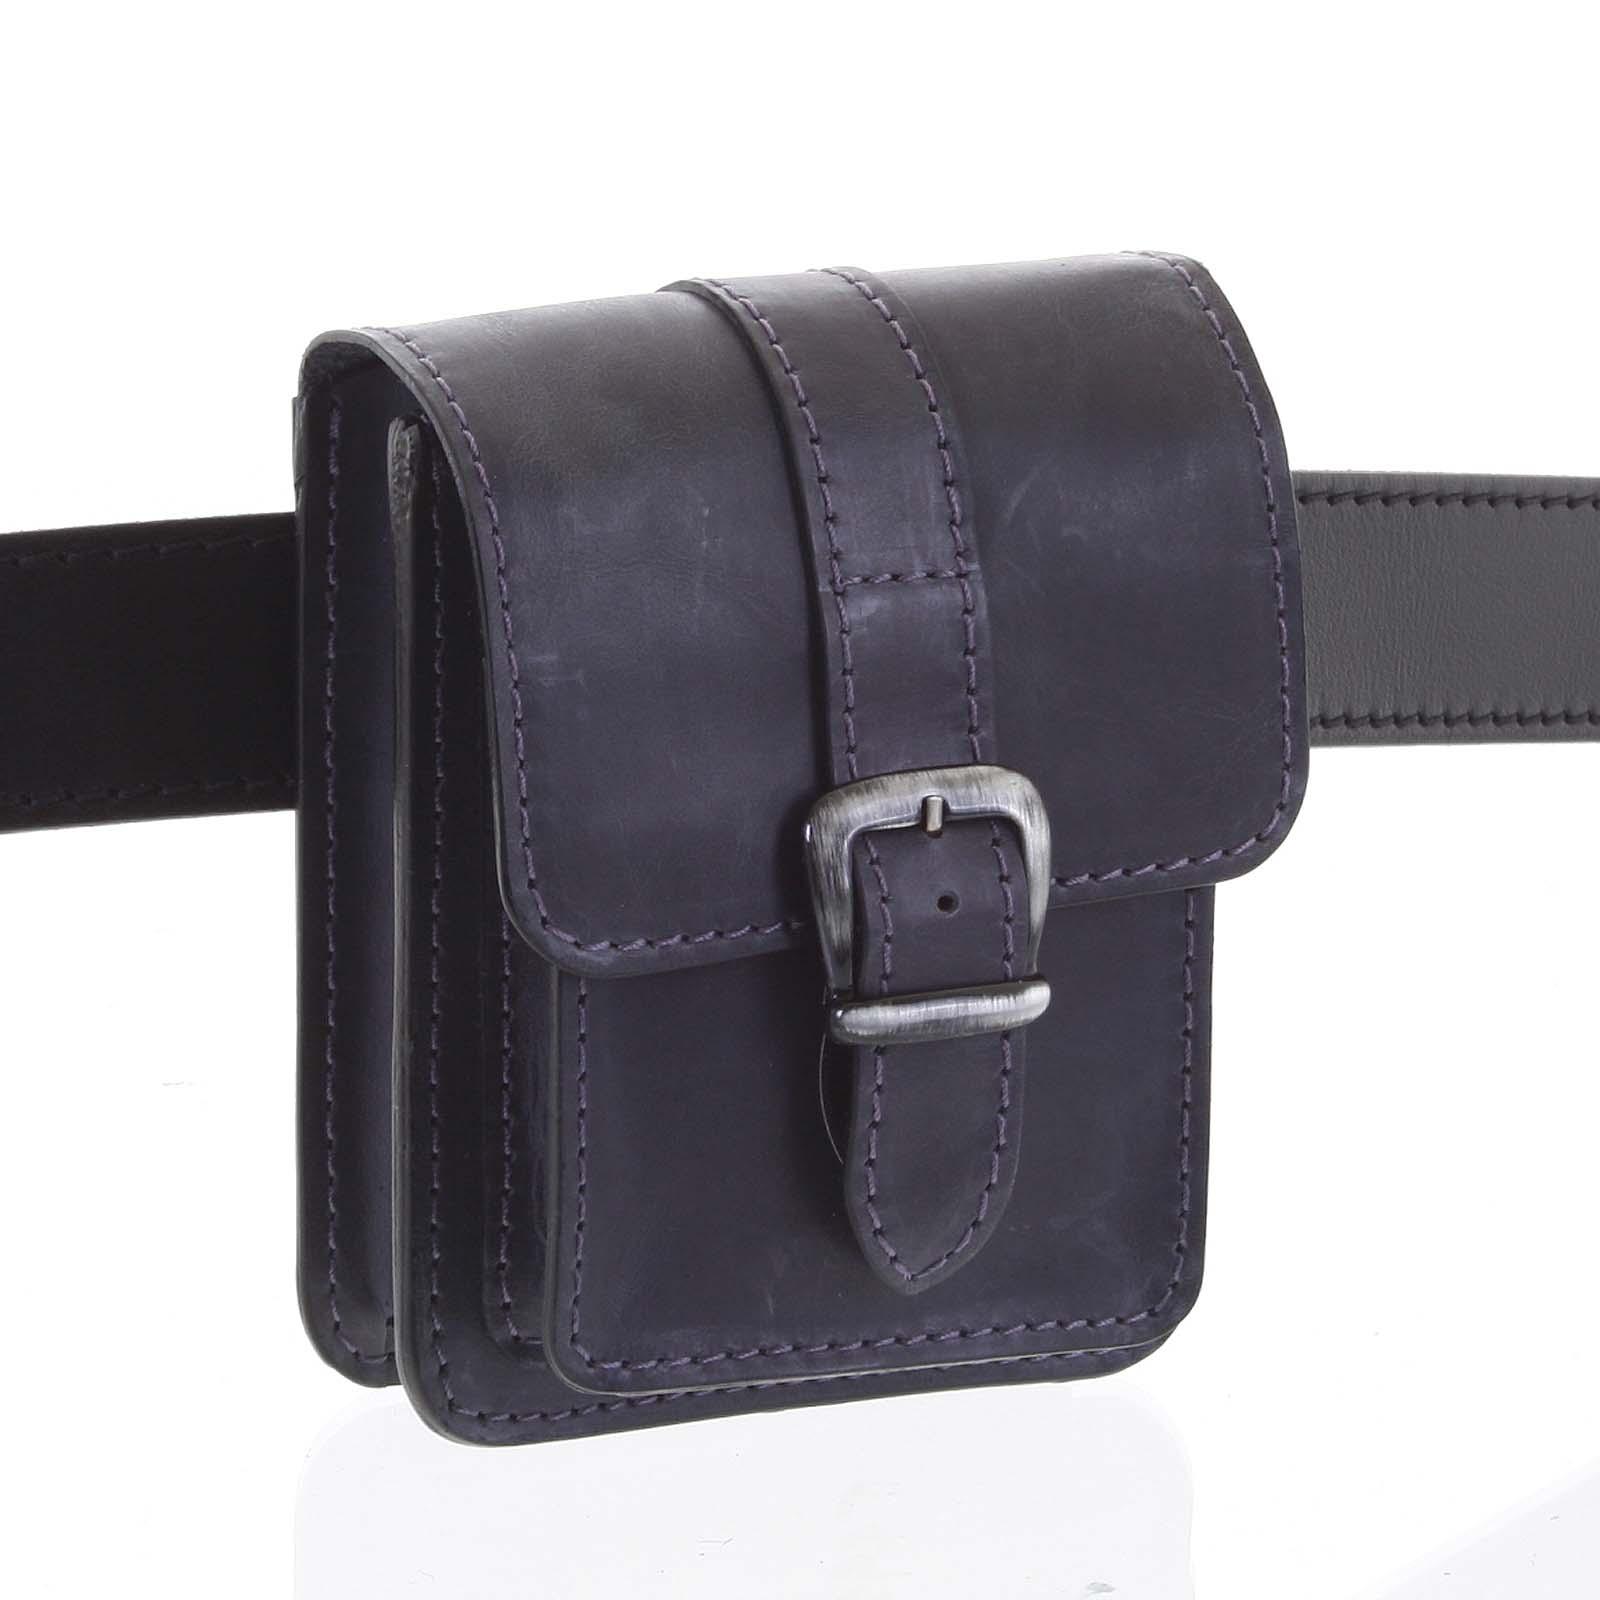 Pánska kožená kapsa na opasok čiernomodrá - Kabea Kisi čierna